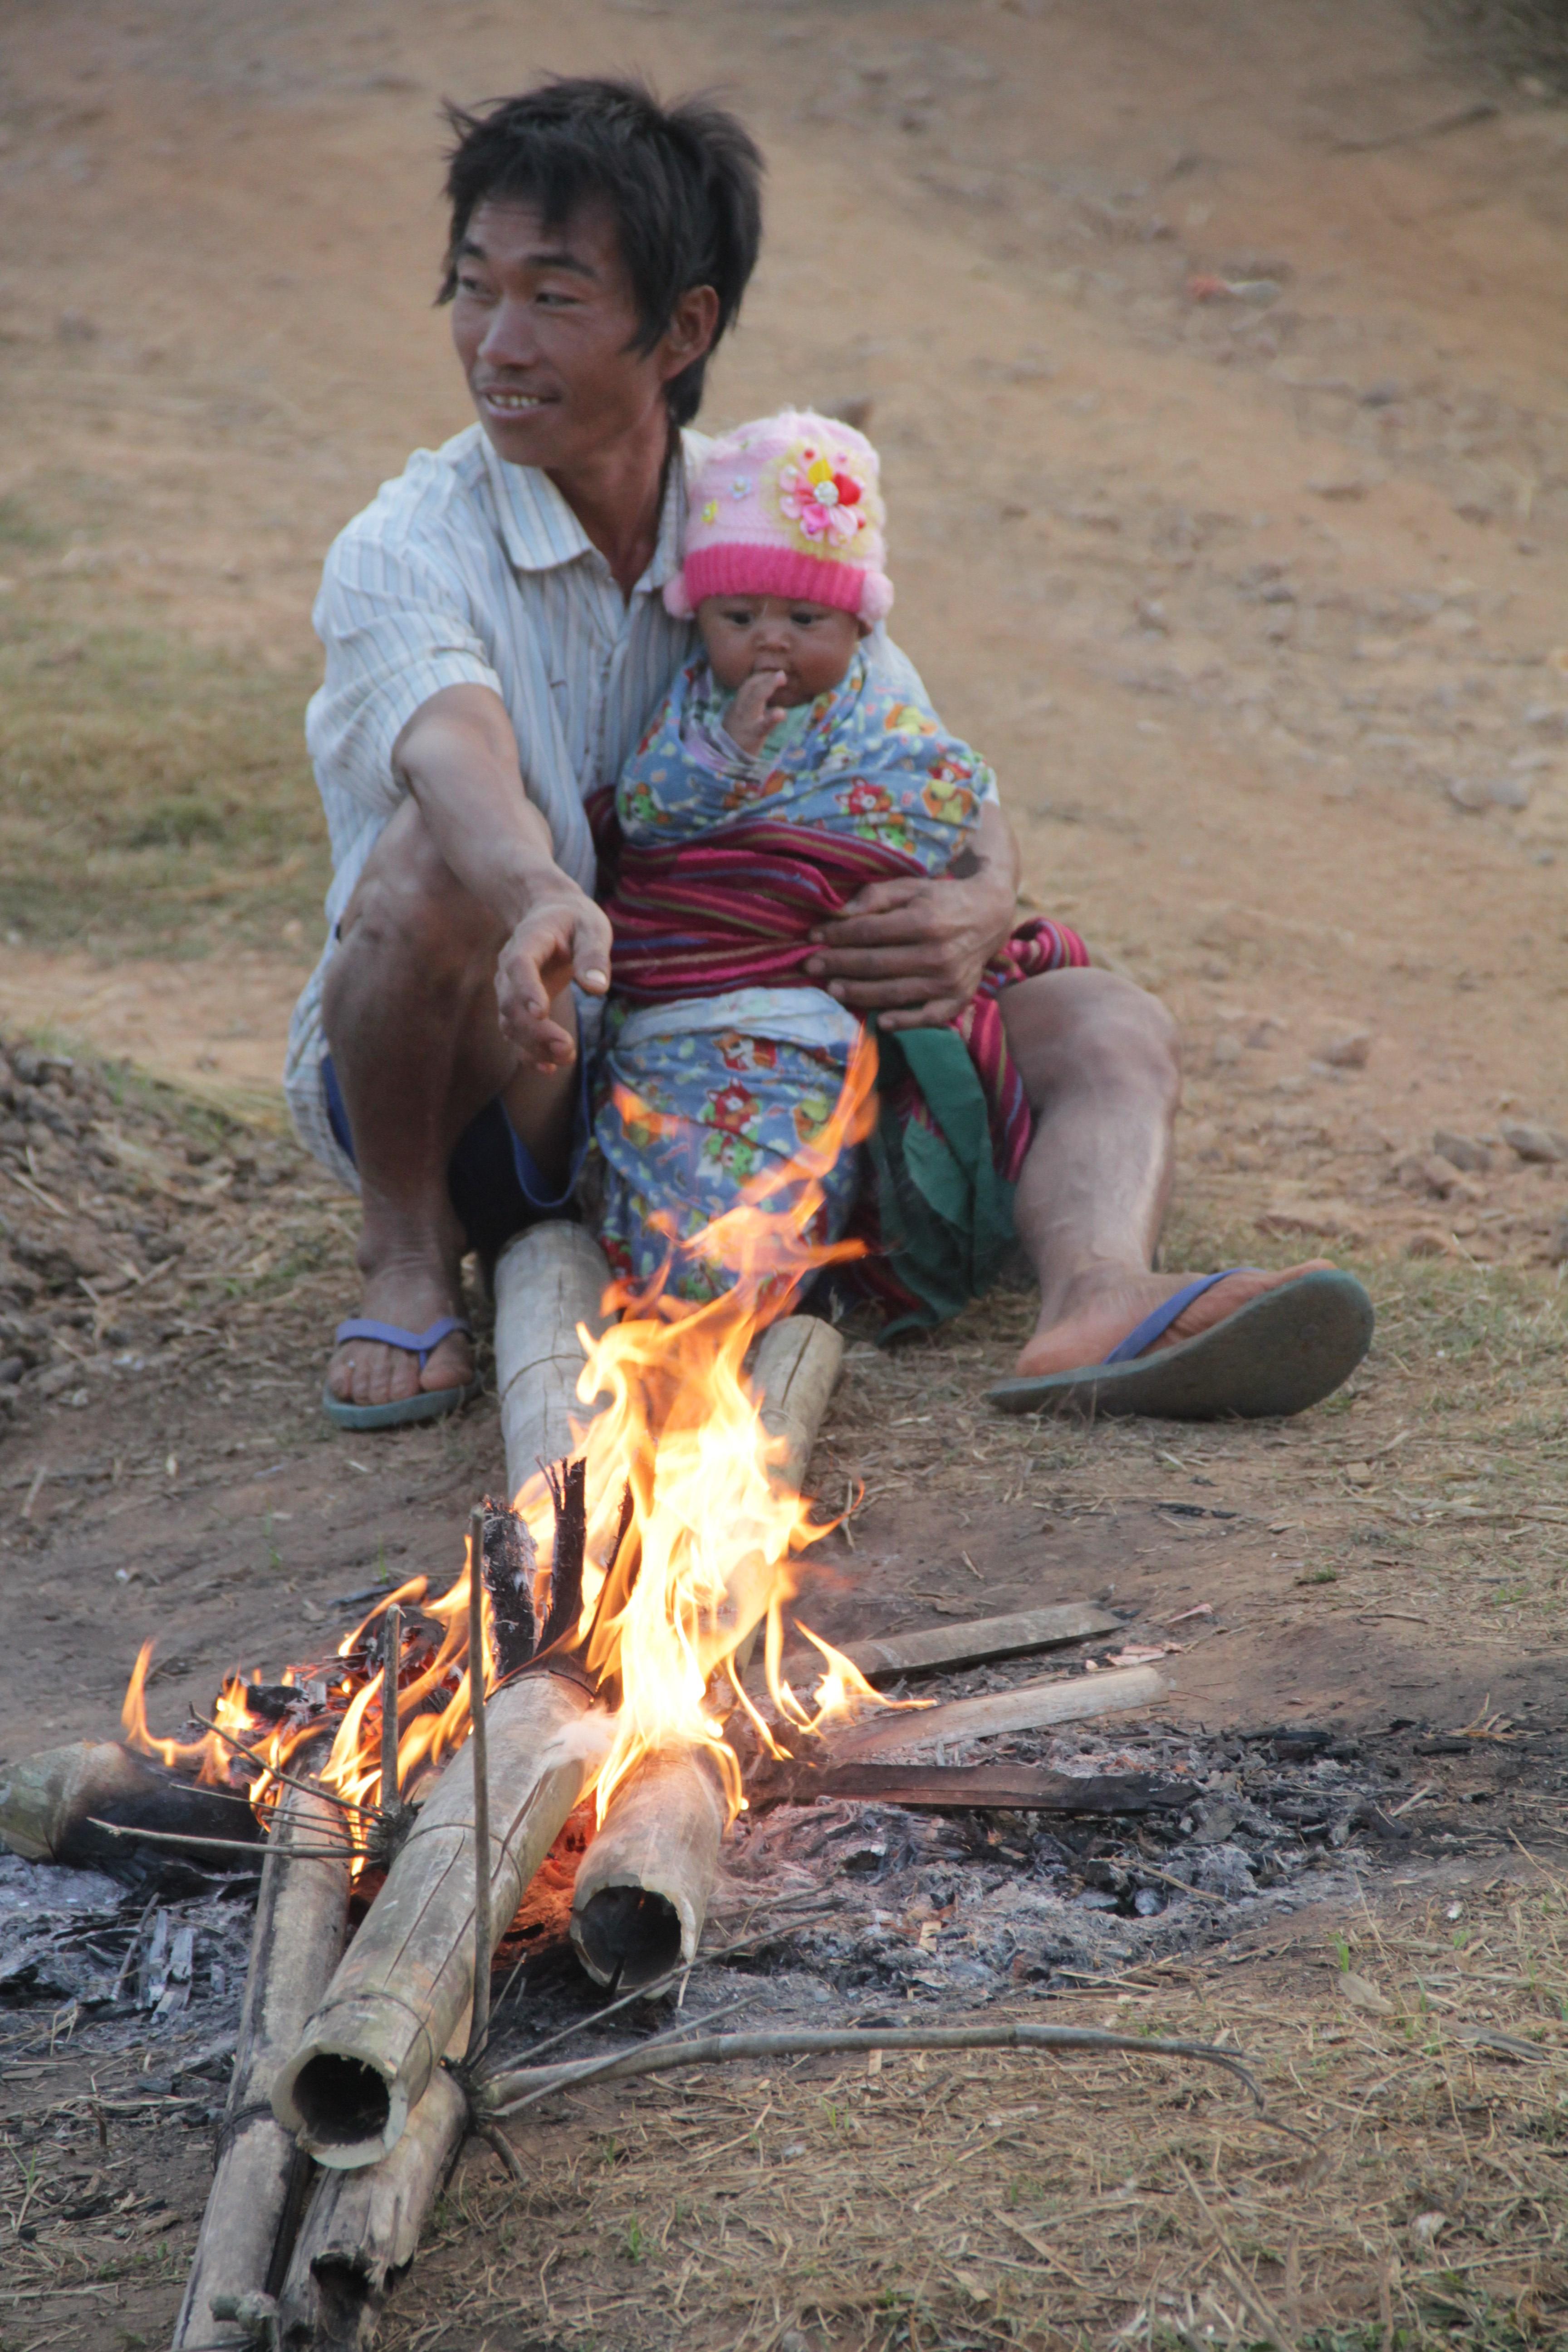 Un petit feu pour se réchauffer à Kyautsu, où la nuit tombe vite, ainsi que le froid (© Jérôme Decoster).